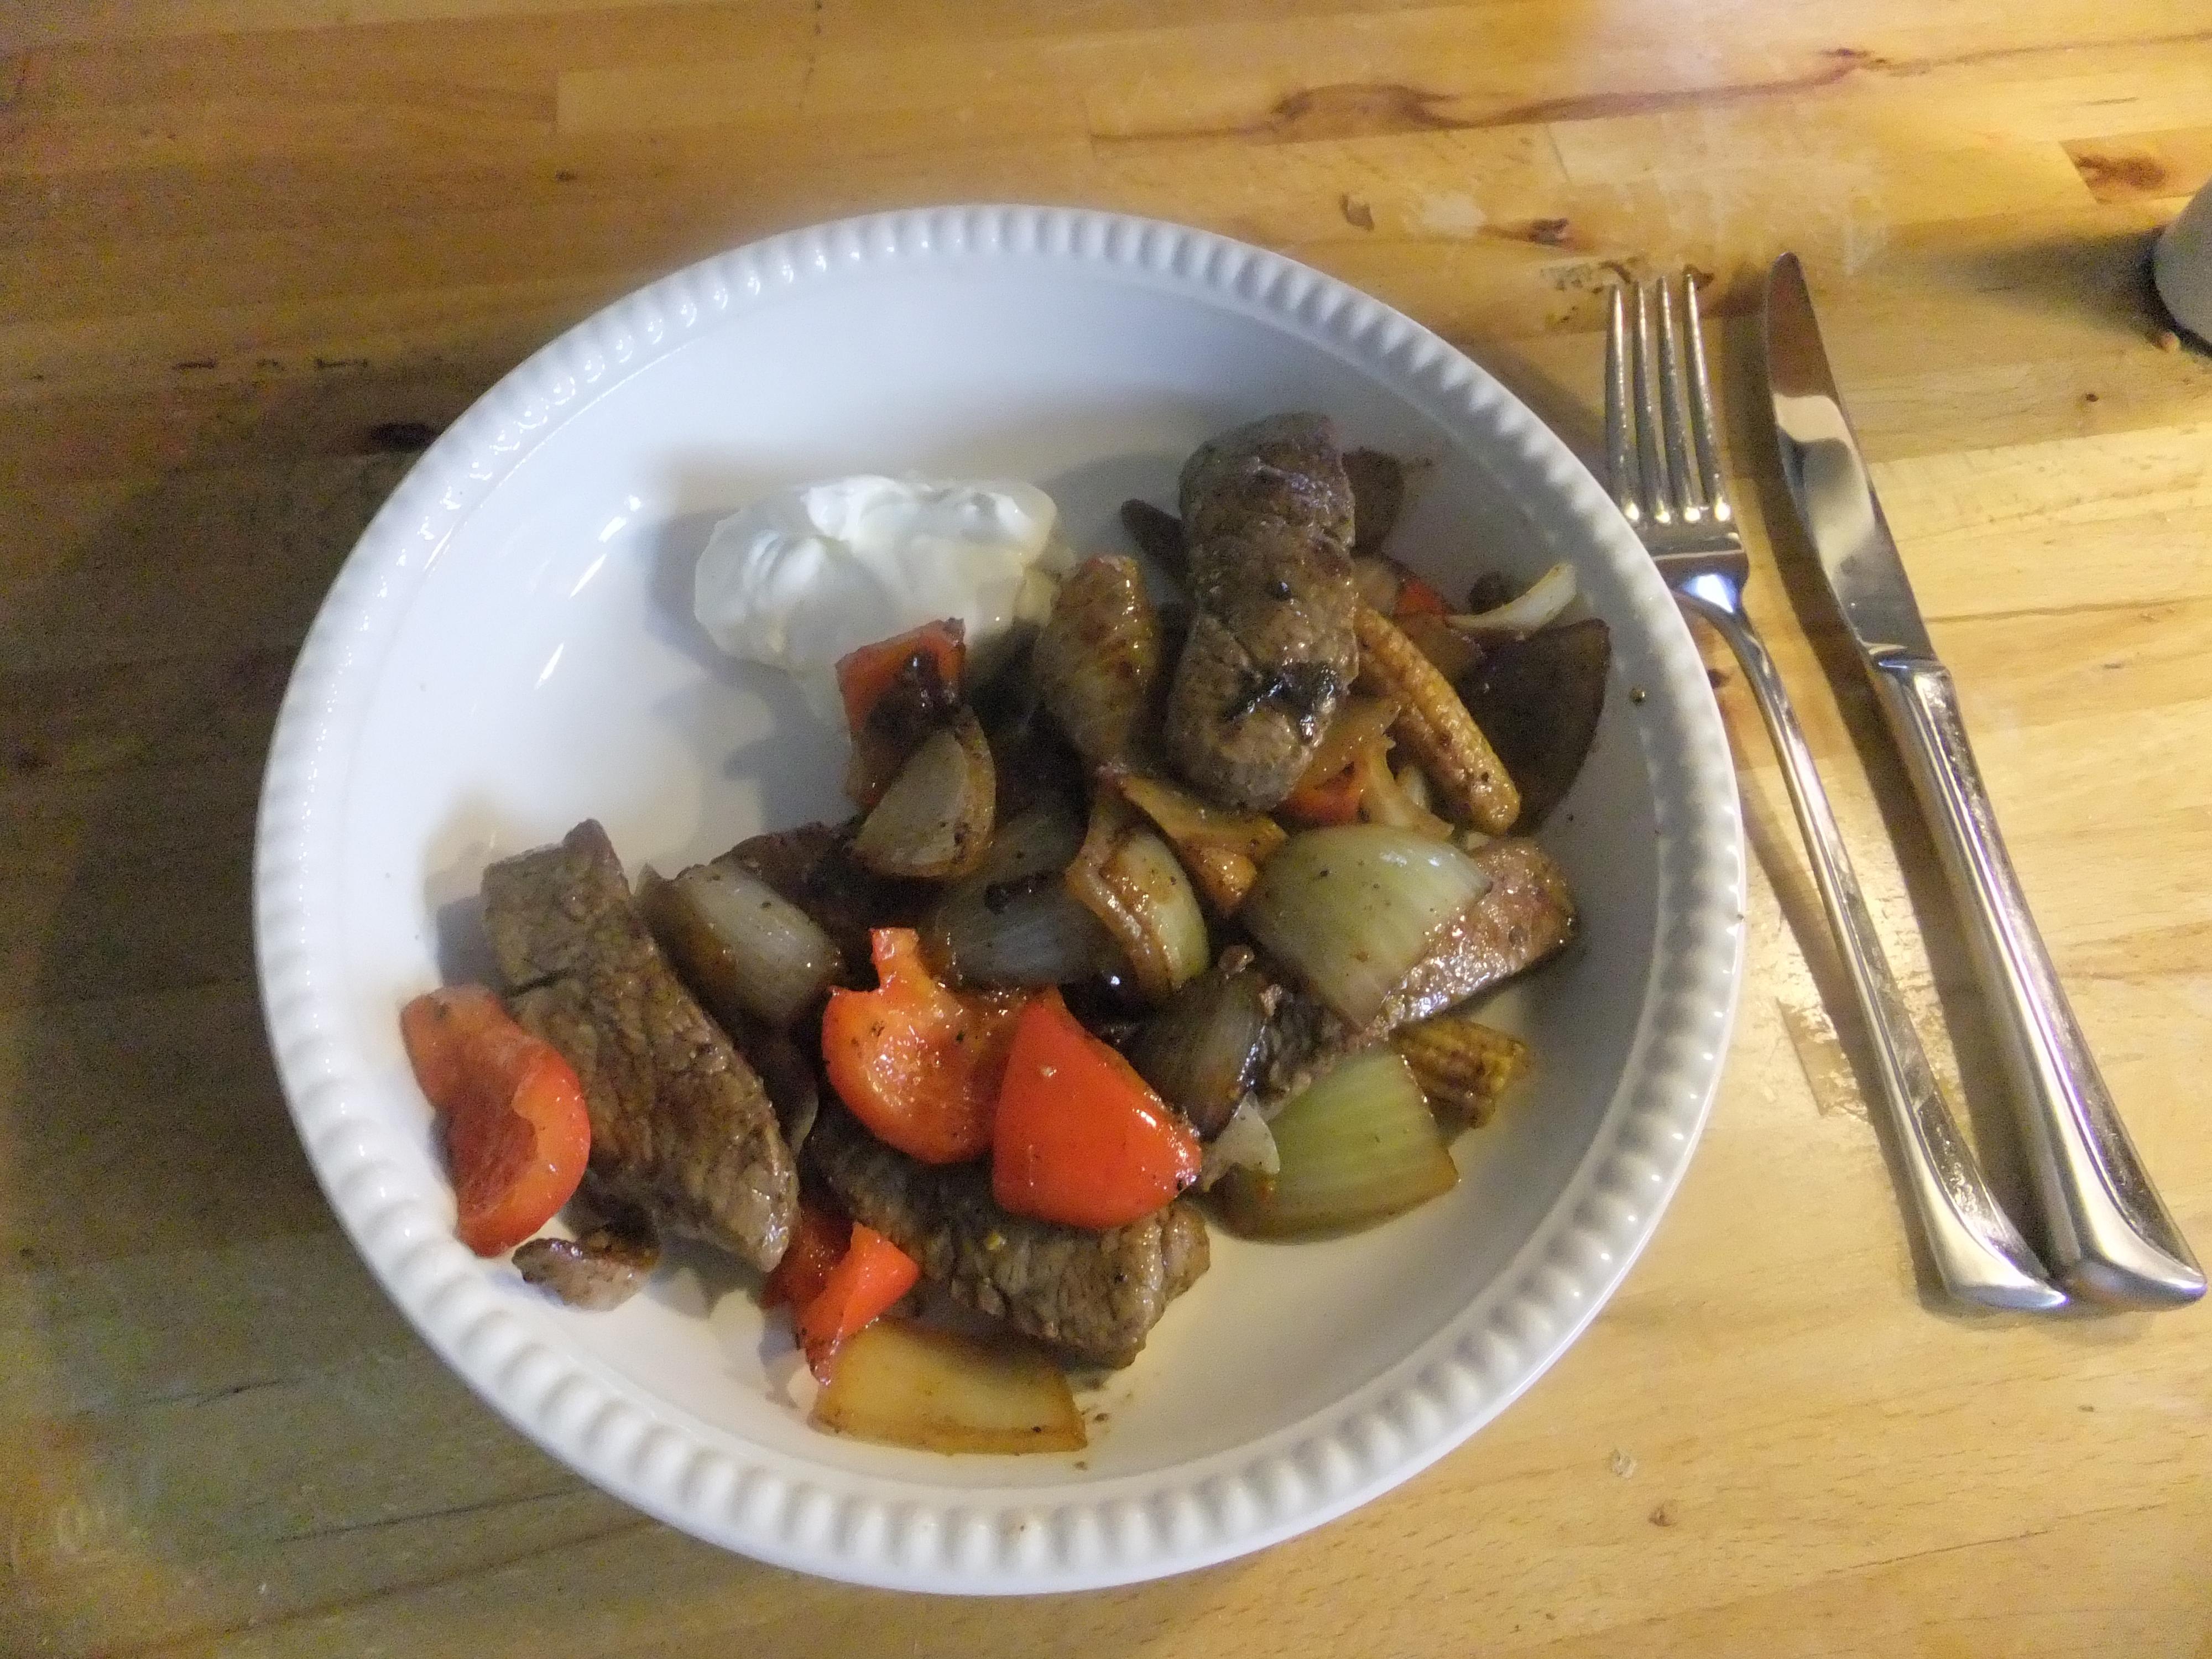 Jeg er veldig glad i oksekjøtt, og liker å tilberede indre- eller ytrefilet uten poteter eller ris. Rent kjøtt, gode ferske grønnsaker tilberedt i en stekepanne eller wok smaker kjempegodt […]